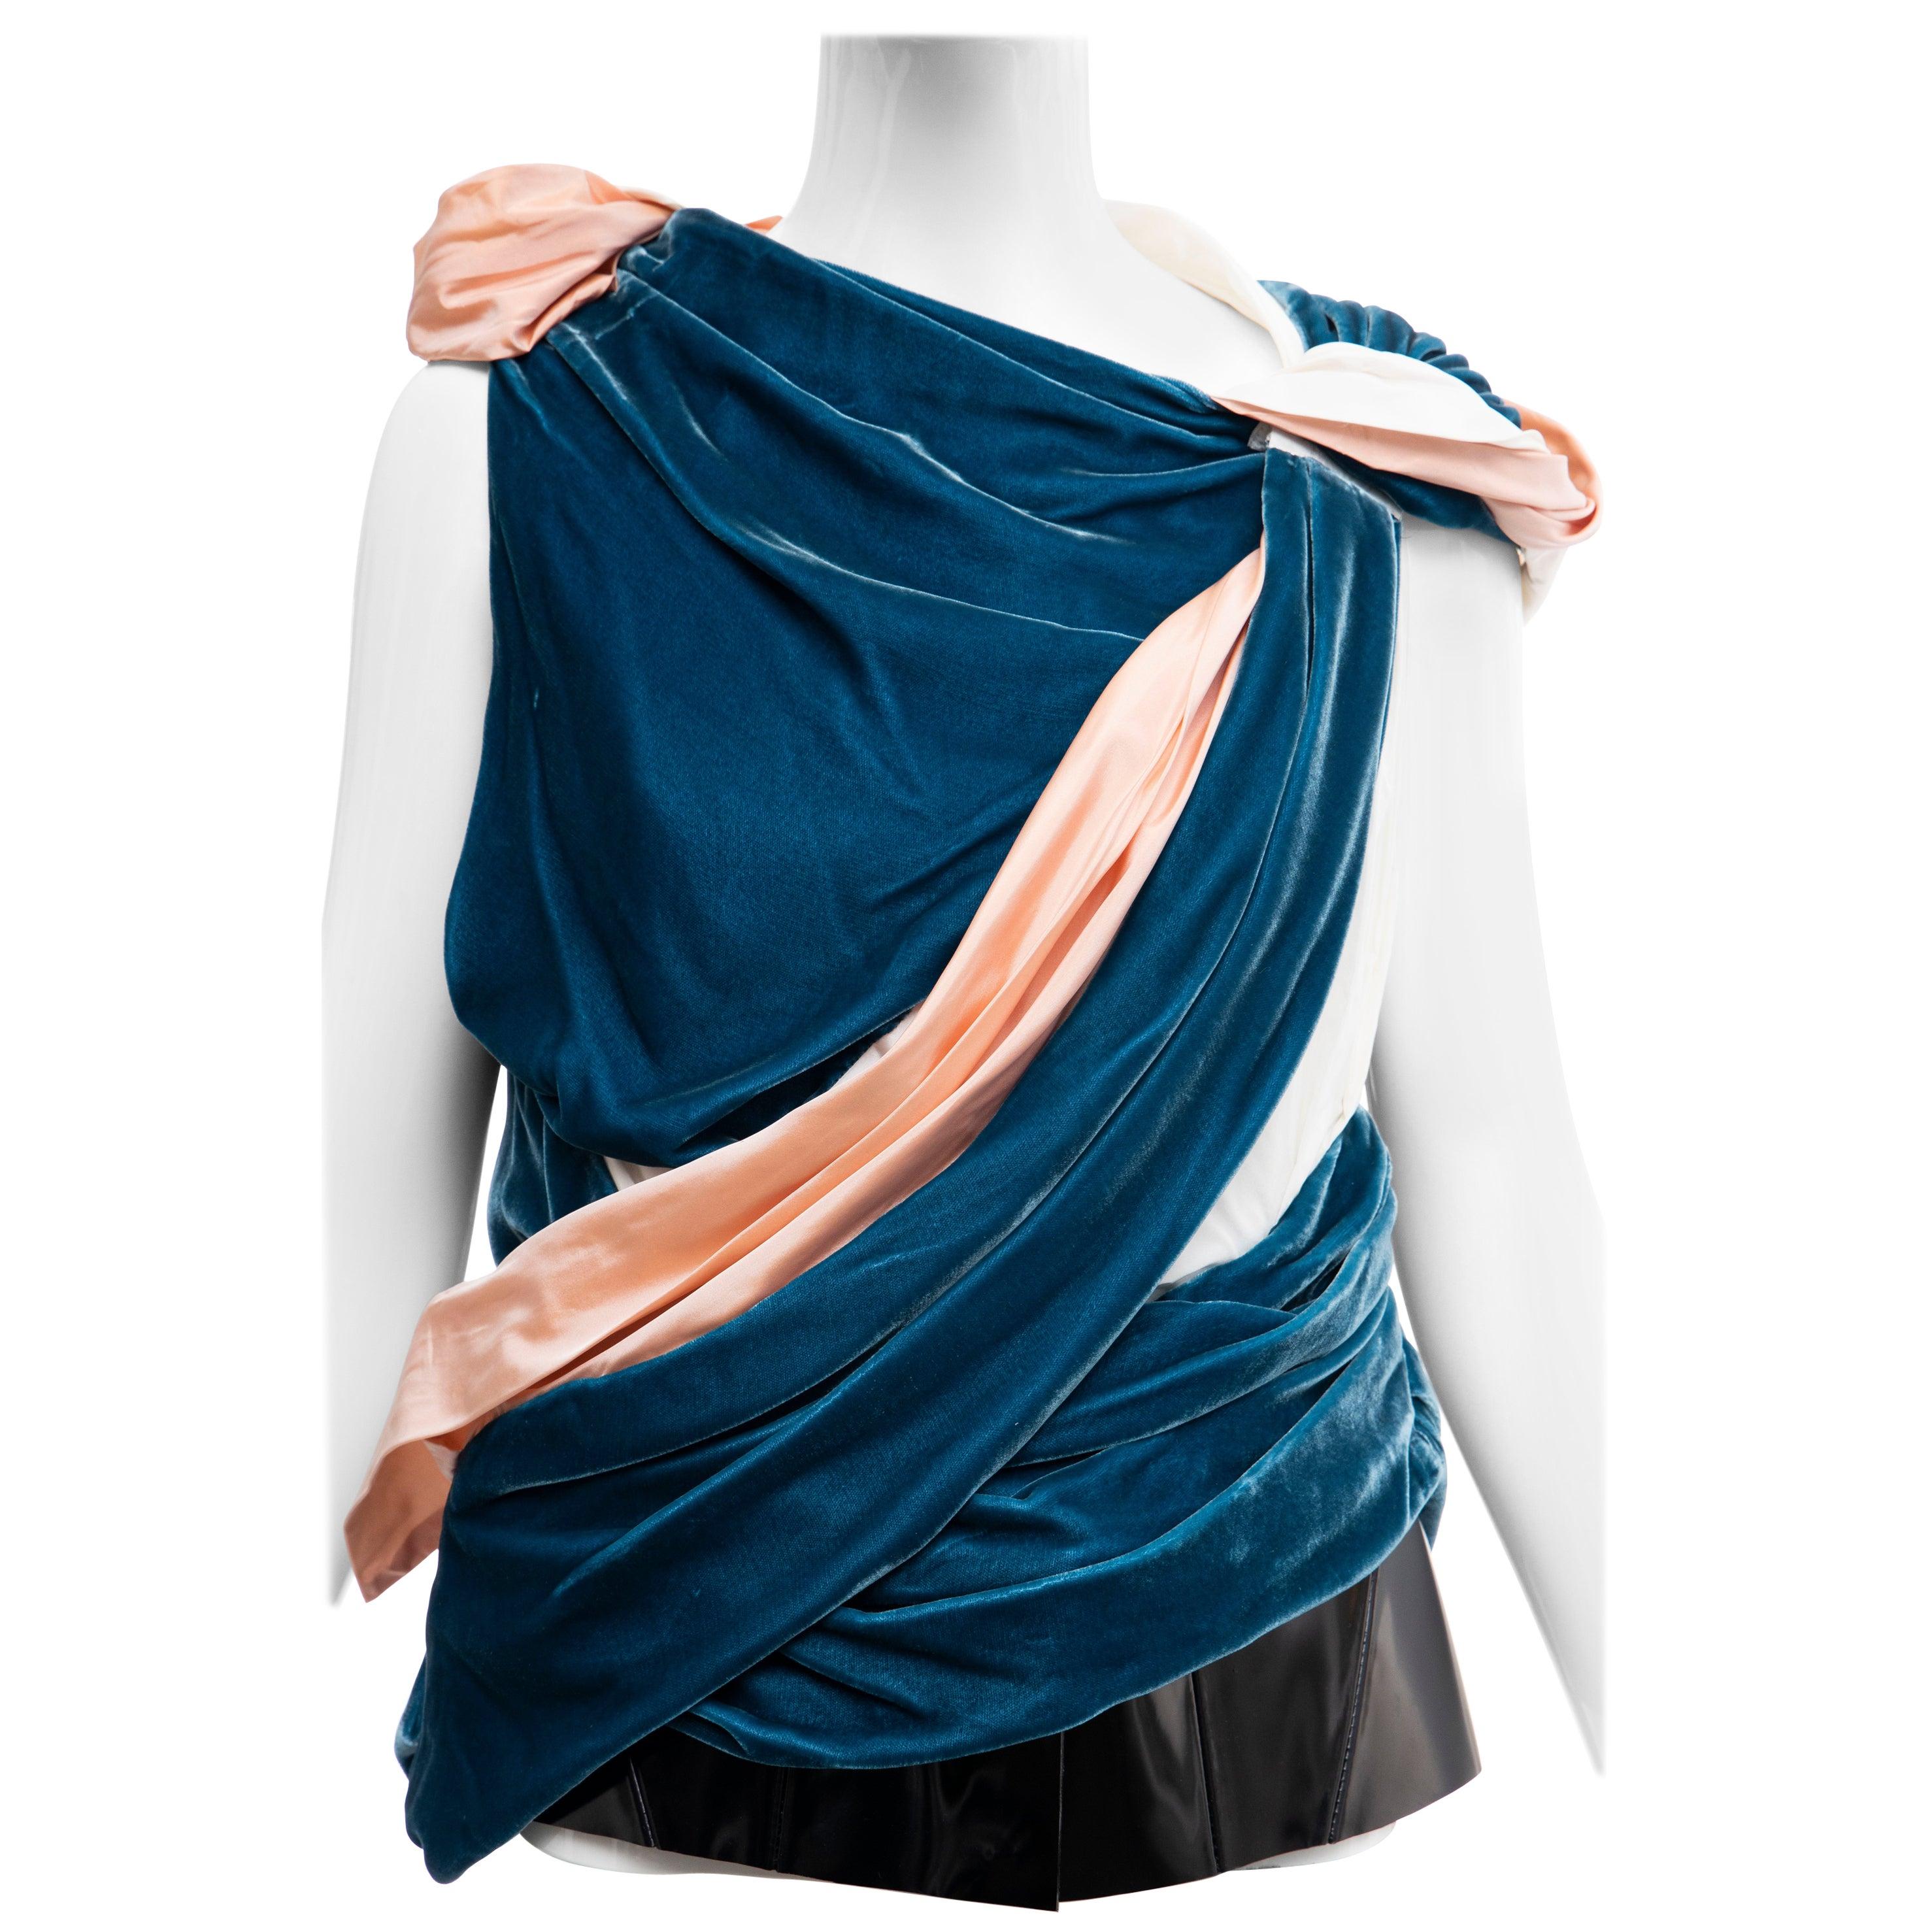 Nicolas Ghesquière for Balenciaga Runway Draped Silk Velvet Top , Fall 2008